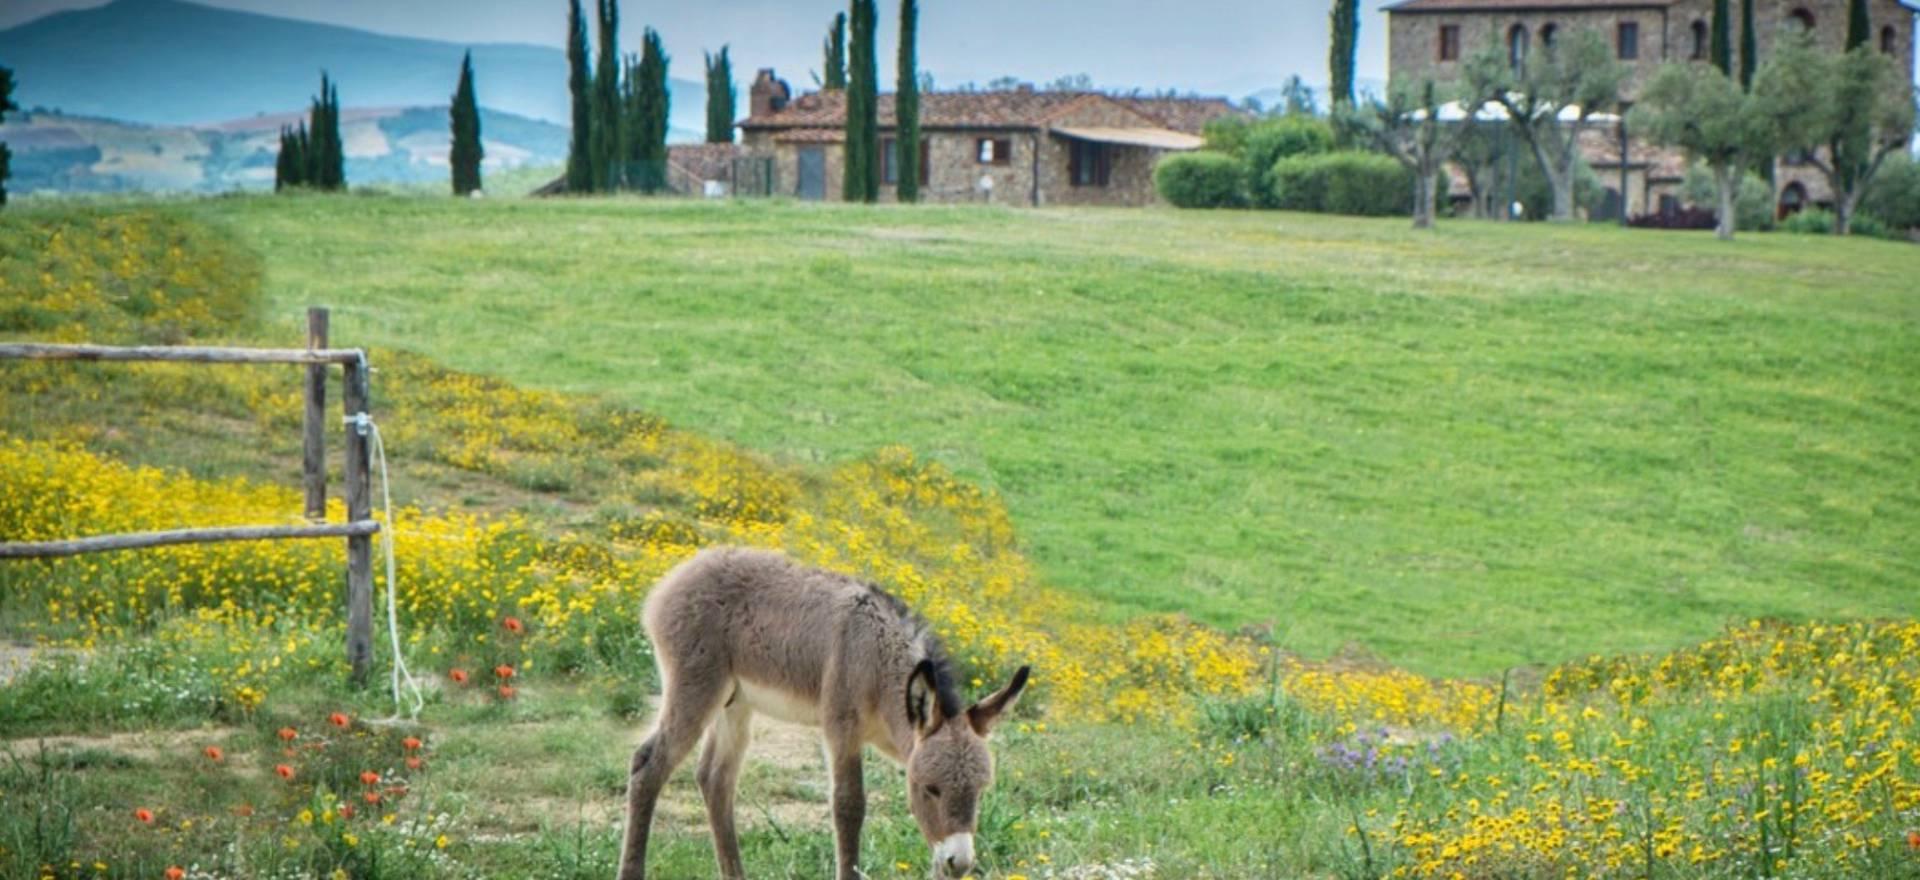 Agriturismo Toscane Agriturismo Toscane, rustig en landelijk gelegen